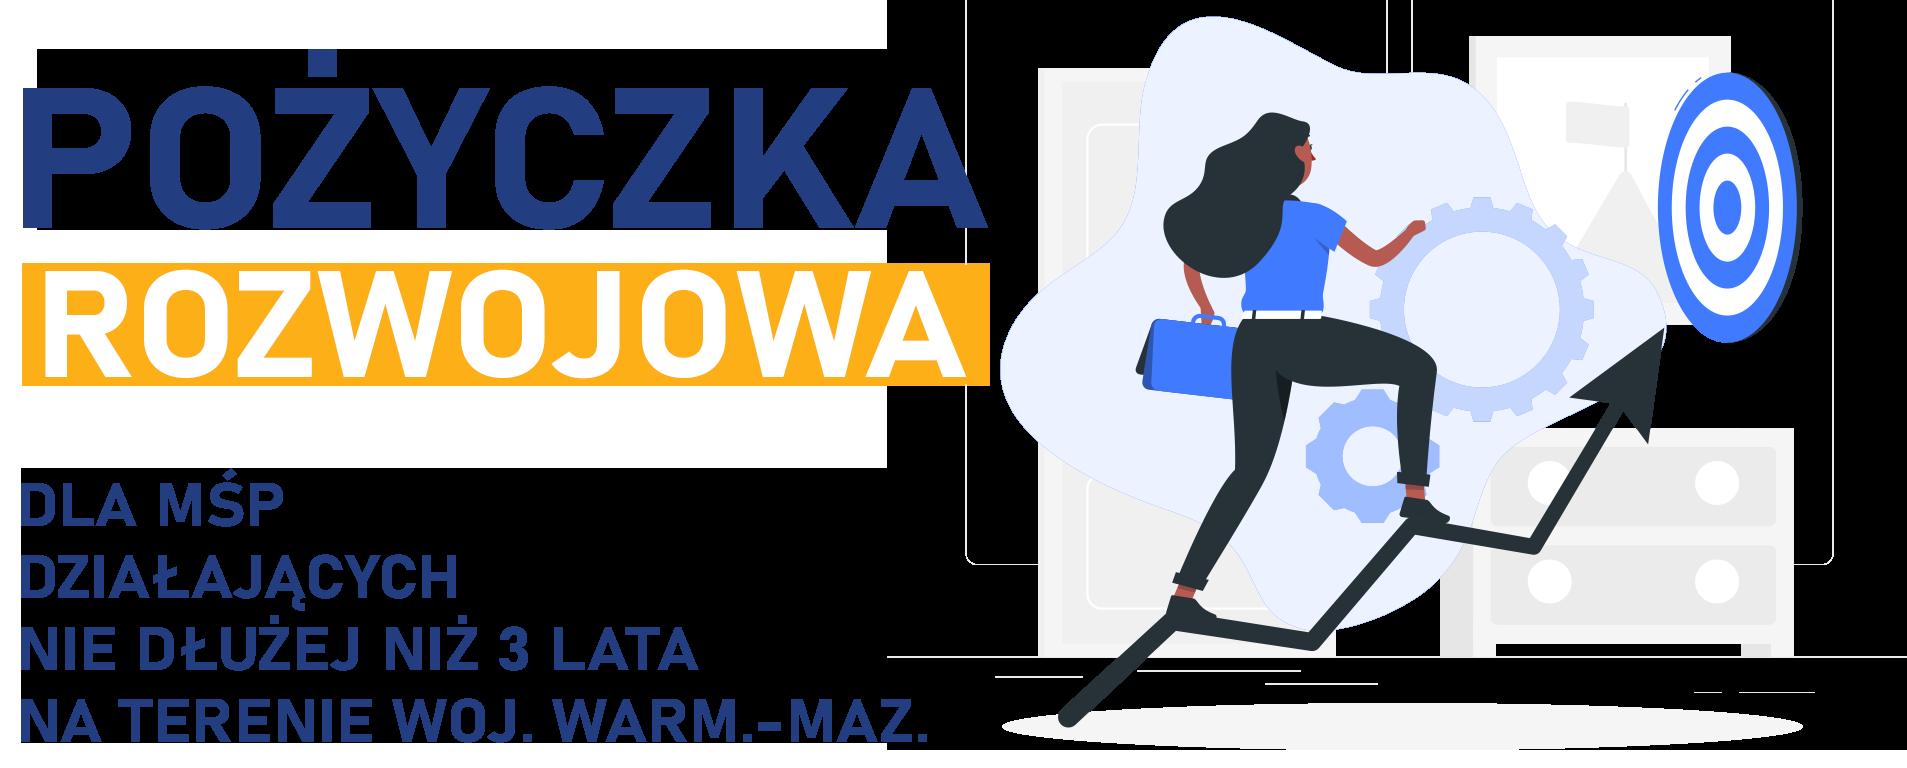 pozyczka_rozwojowa7